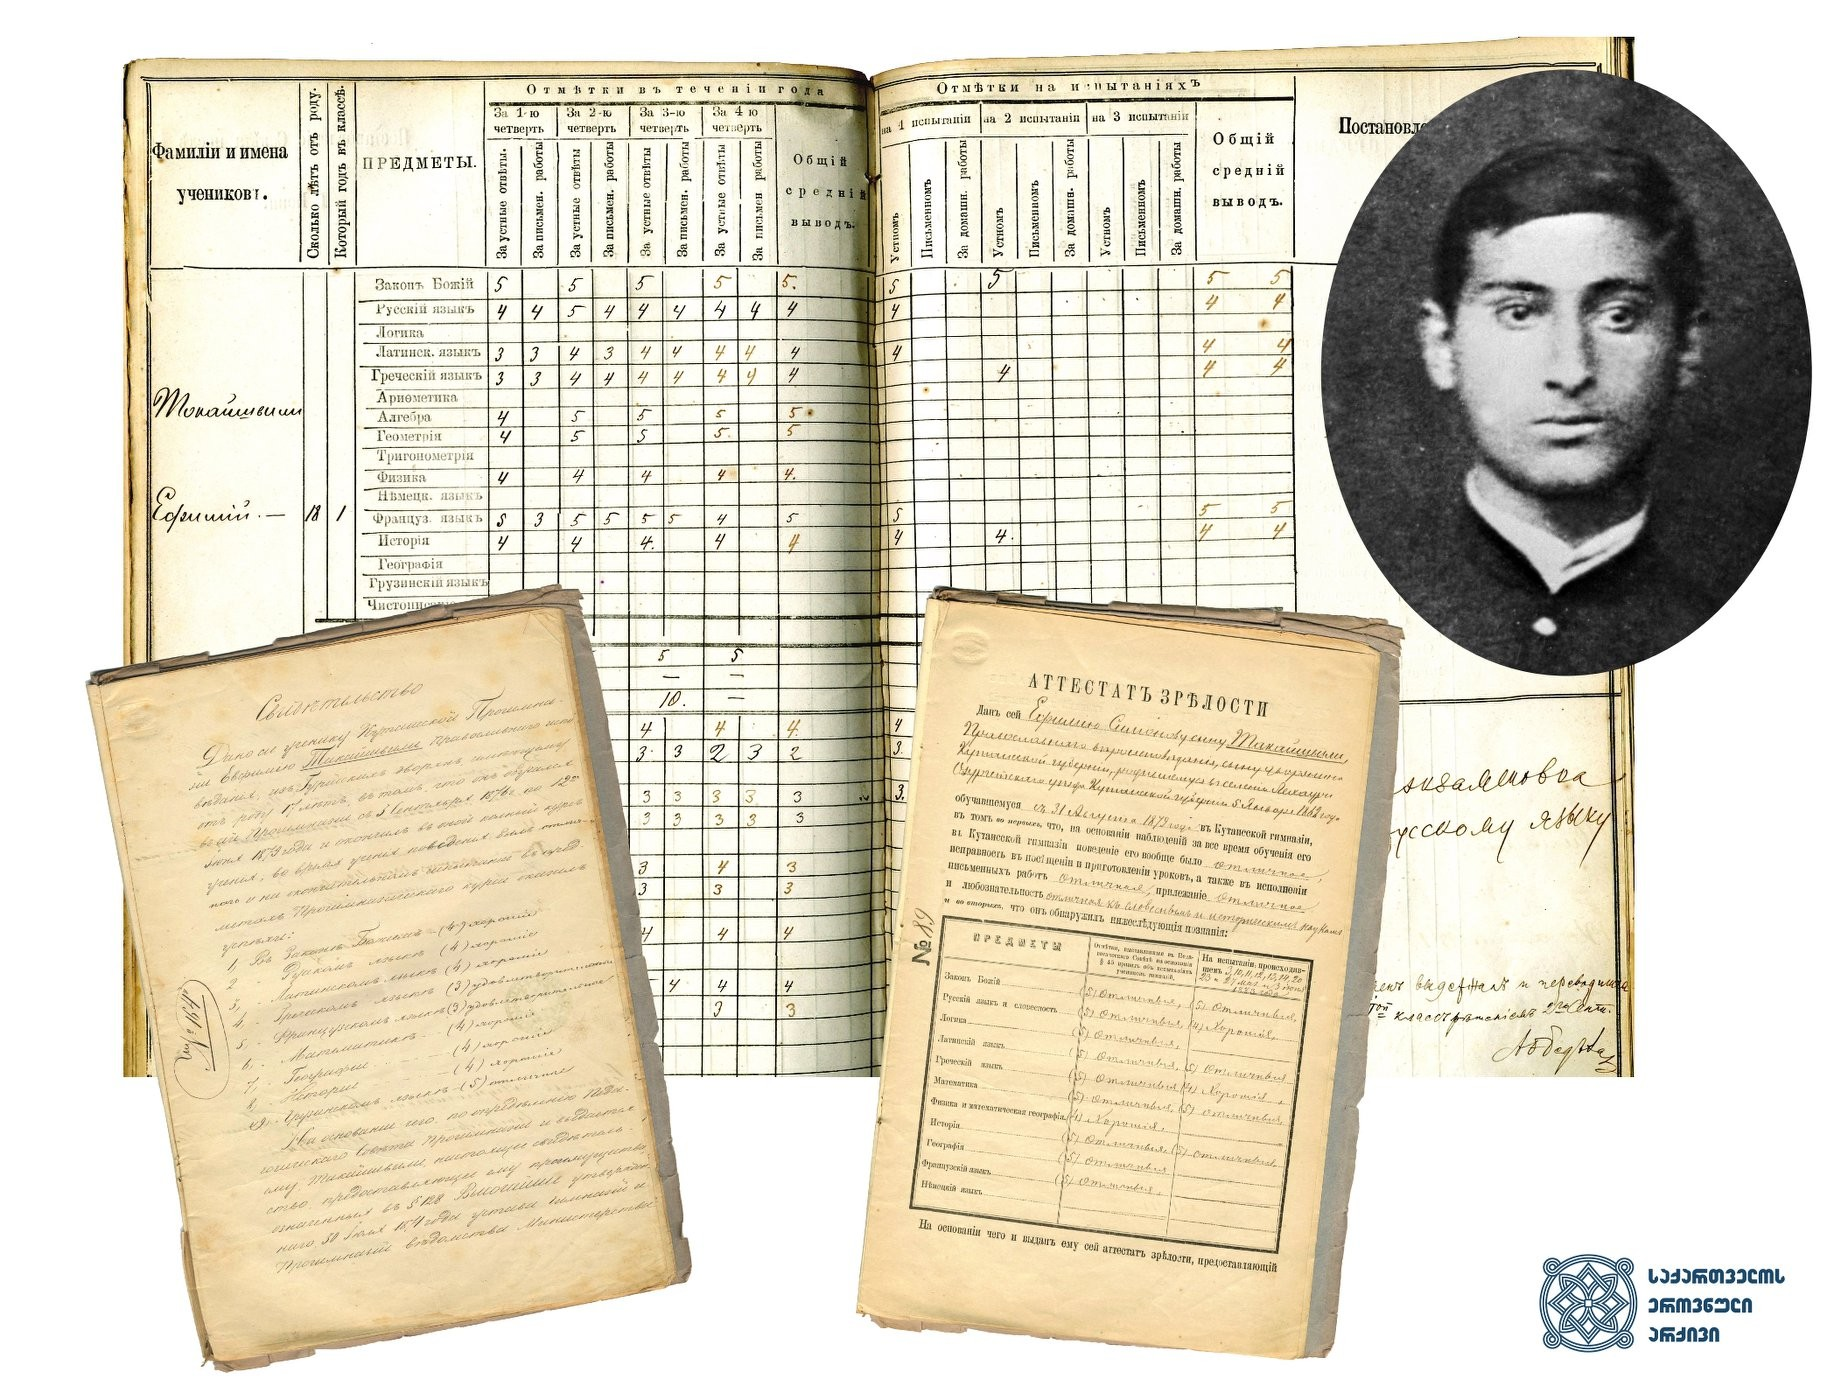 """ექვთიმე თაყაიშვილი ქუთაისის კლასიკურ გიმნაზიაში სწავლის დროს. ქუთაისი, 1883 წელი; ექვთიმე თაყაიშვილის ნიშნების ფურცელი. 1882 წელი. """"გადაყვანილია VIII კლასში""""; ცნობა იმის შესახებ, რომ ექვთიმე თაყაიშვილი სწავლობდა ქუთაისის პროგიმნაზიაში 1876 წლის 3 სექტემბრიდან 1879 წლის 5 ივნისამდე; ექვთიმე თაყაიშვილის სიმწიფის ატესტატი, ქუთაისი, 1883 წელი, 4 ივნისი.   <br> Ekvtime Takaishvili during studying in Kutaisi Classical Gymnasium. Kutaisi, 1883; Ekvtime Takaishvili's results sheet. 1882. He is transferred to the 8th form; Certificate confirming that Ekvtime Takaishvili was studying in Kutaisi Progymnasium since September 3, 1876 till June 5, 1879; Ekvtime Takaishvili's Matura. Kutaisi. June 4, 1883"""